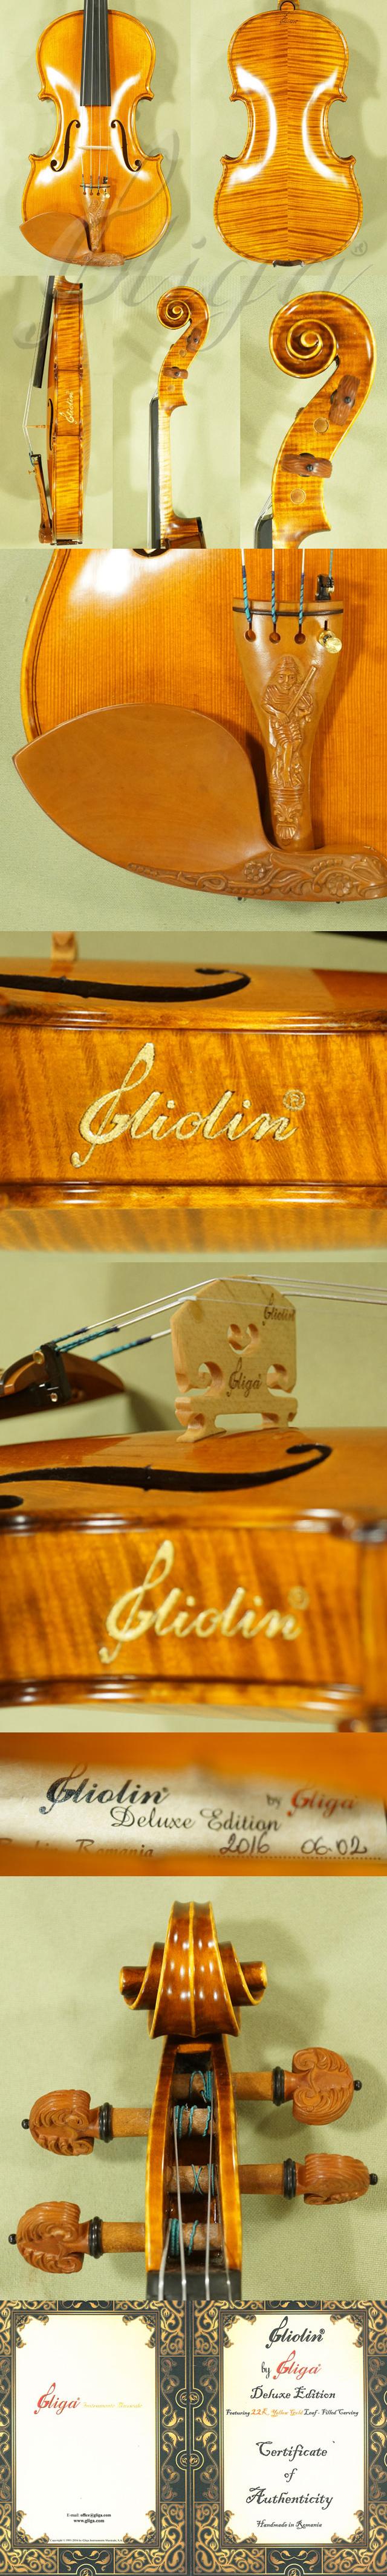 4/4 GLIOLIN Deluxe Edition Violin